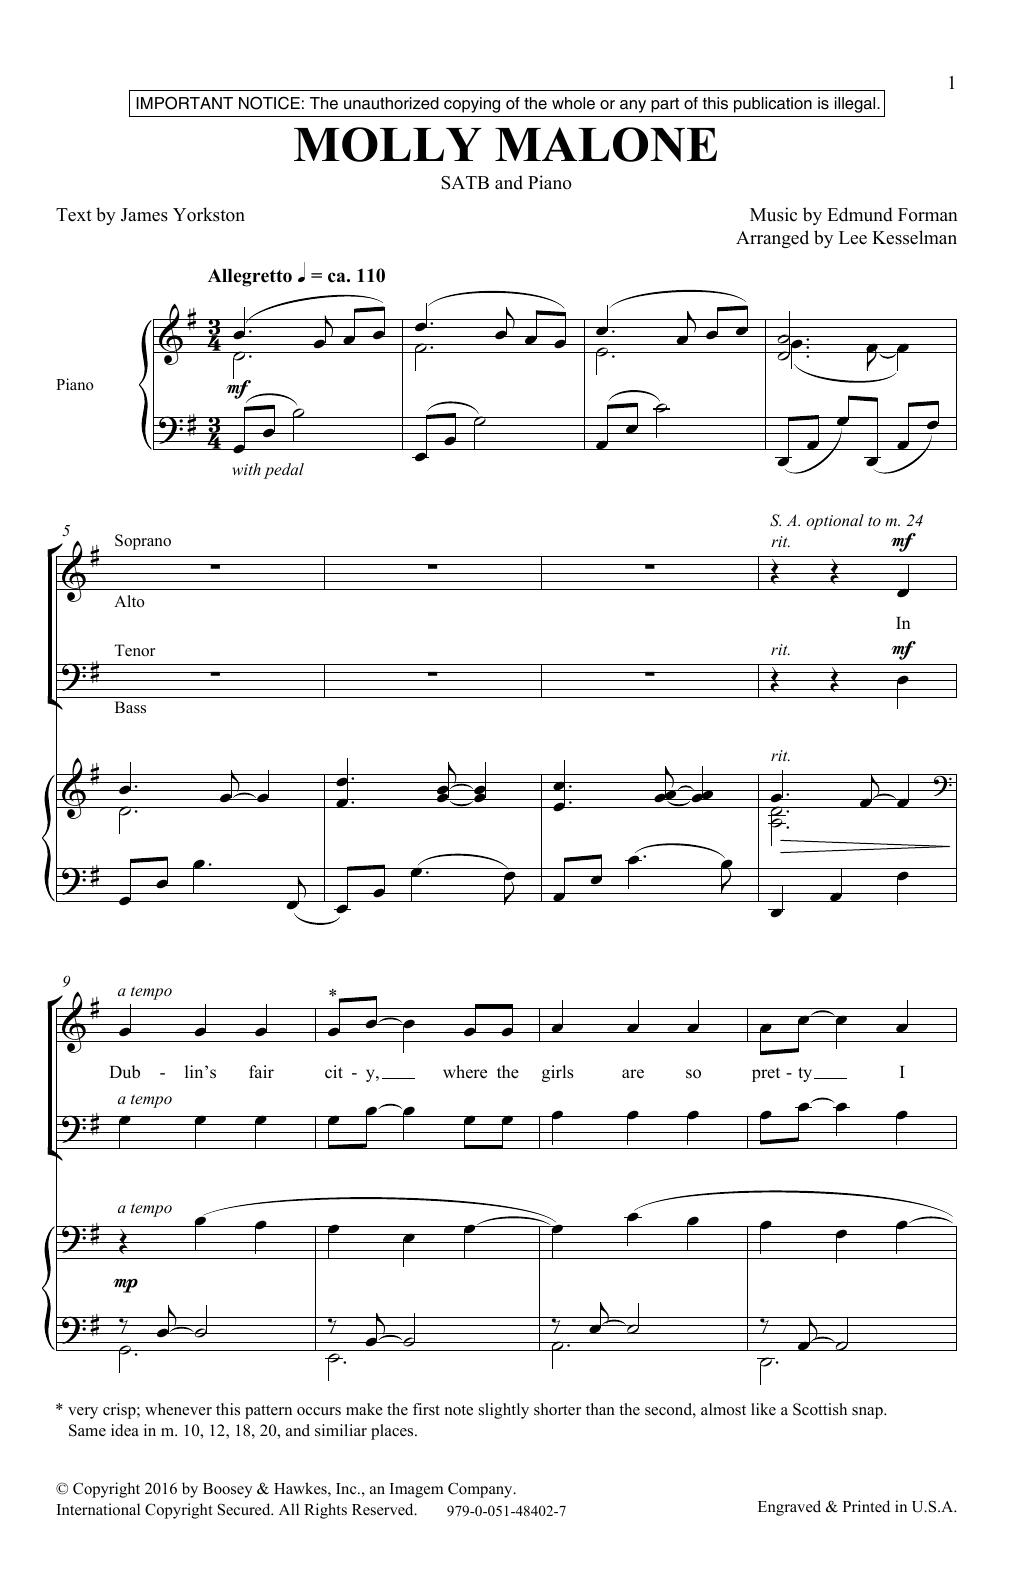 Molly Malone (SATB Choir)